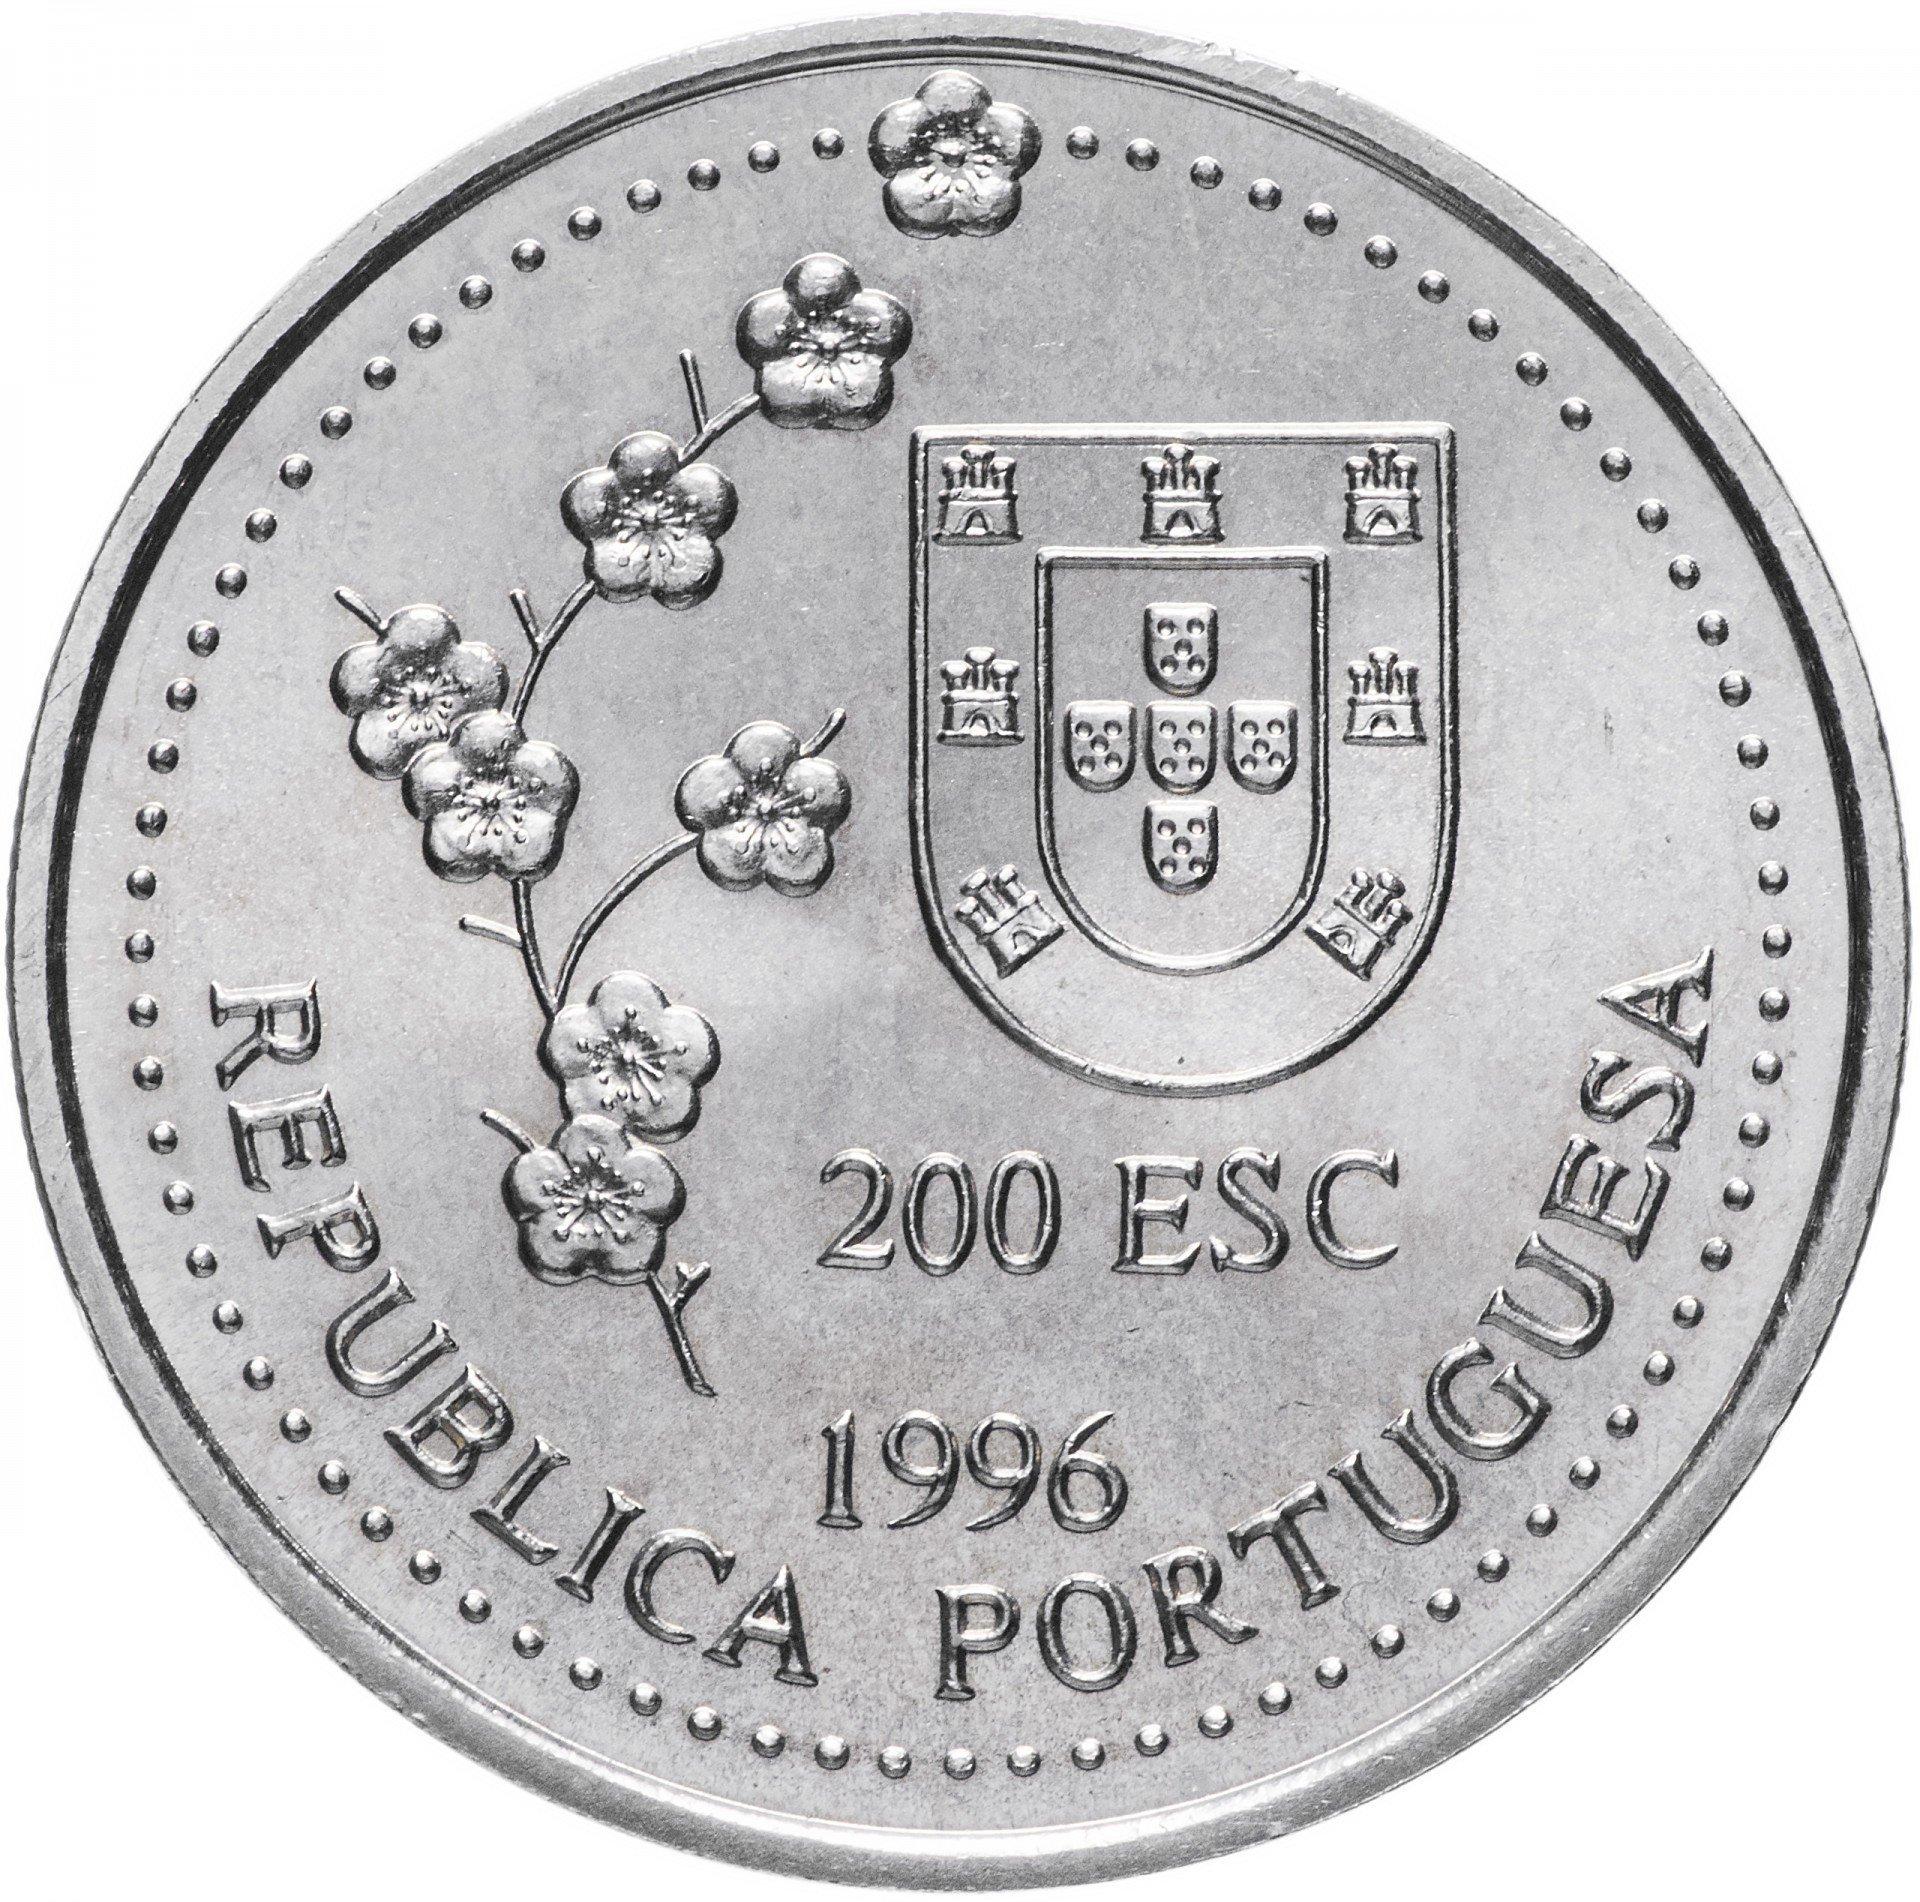 200 эскудо Португалия. Открытие португальцами Тайваня в 1582 году. Парусник. 1996 г. UNC